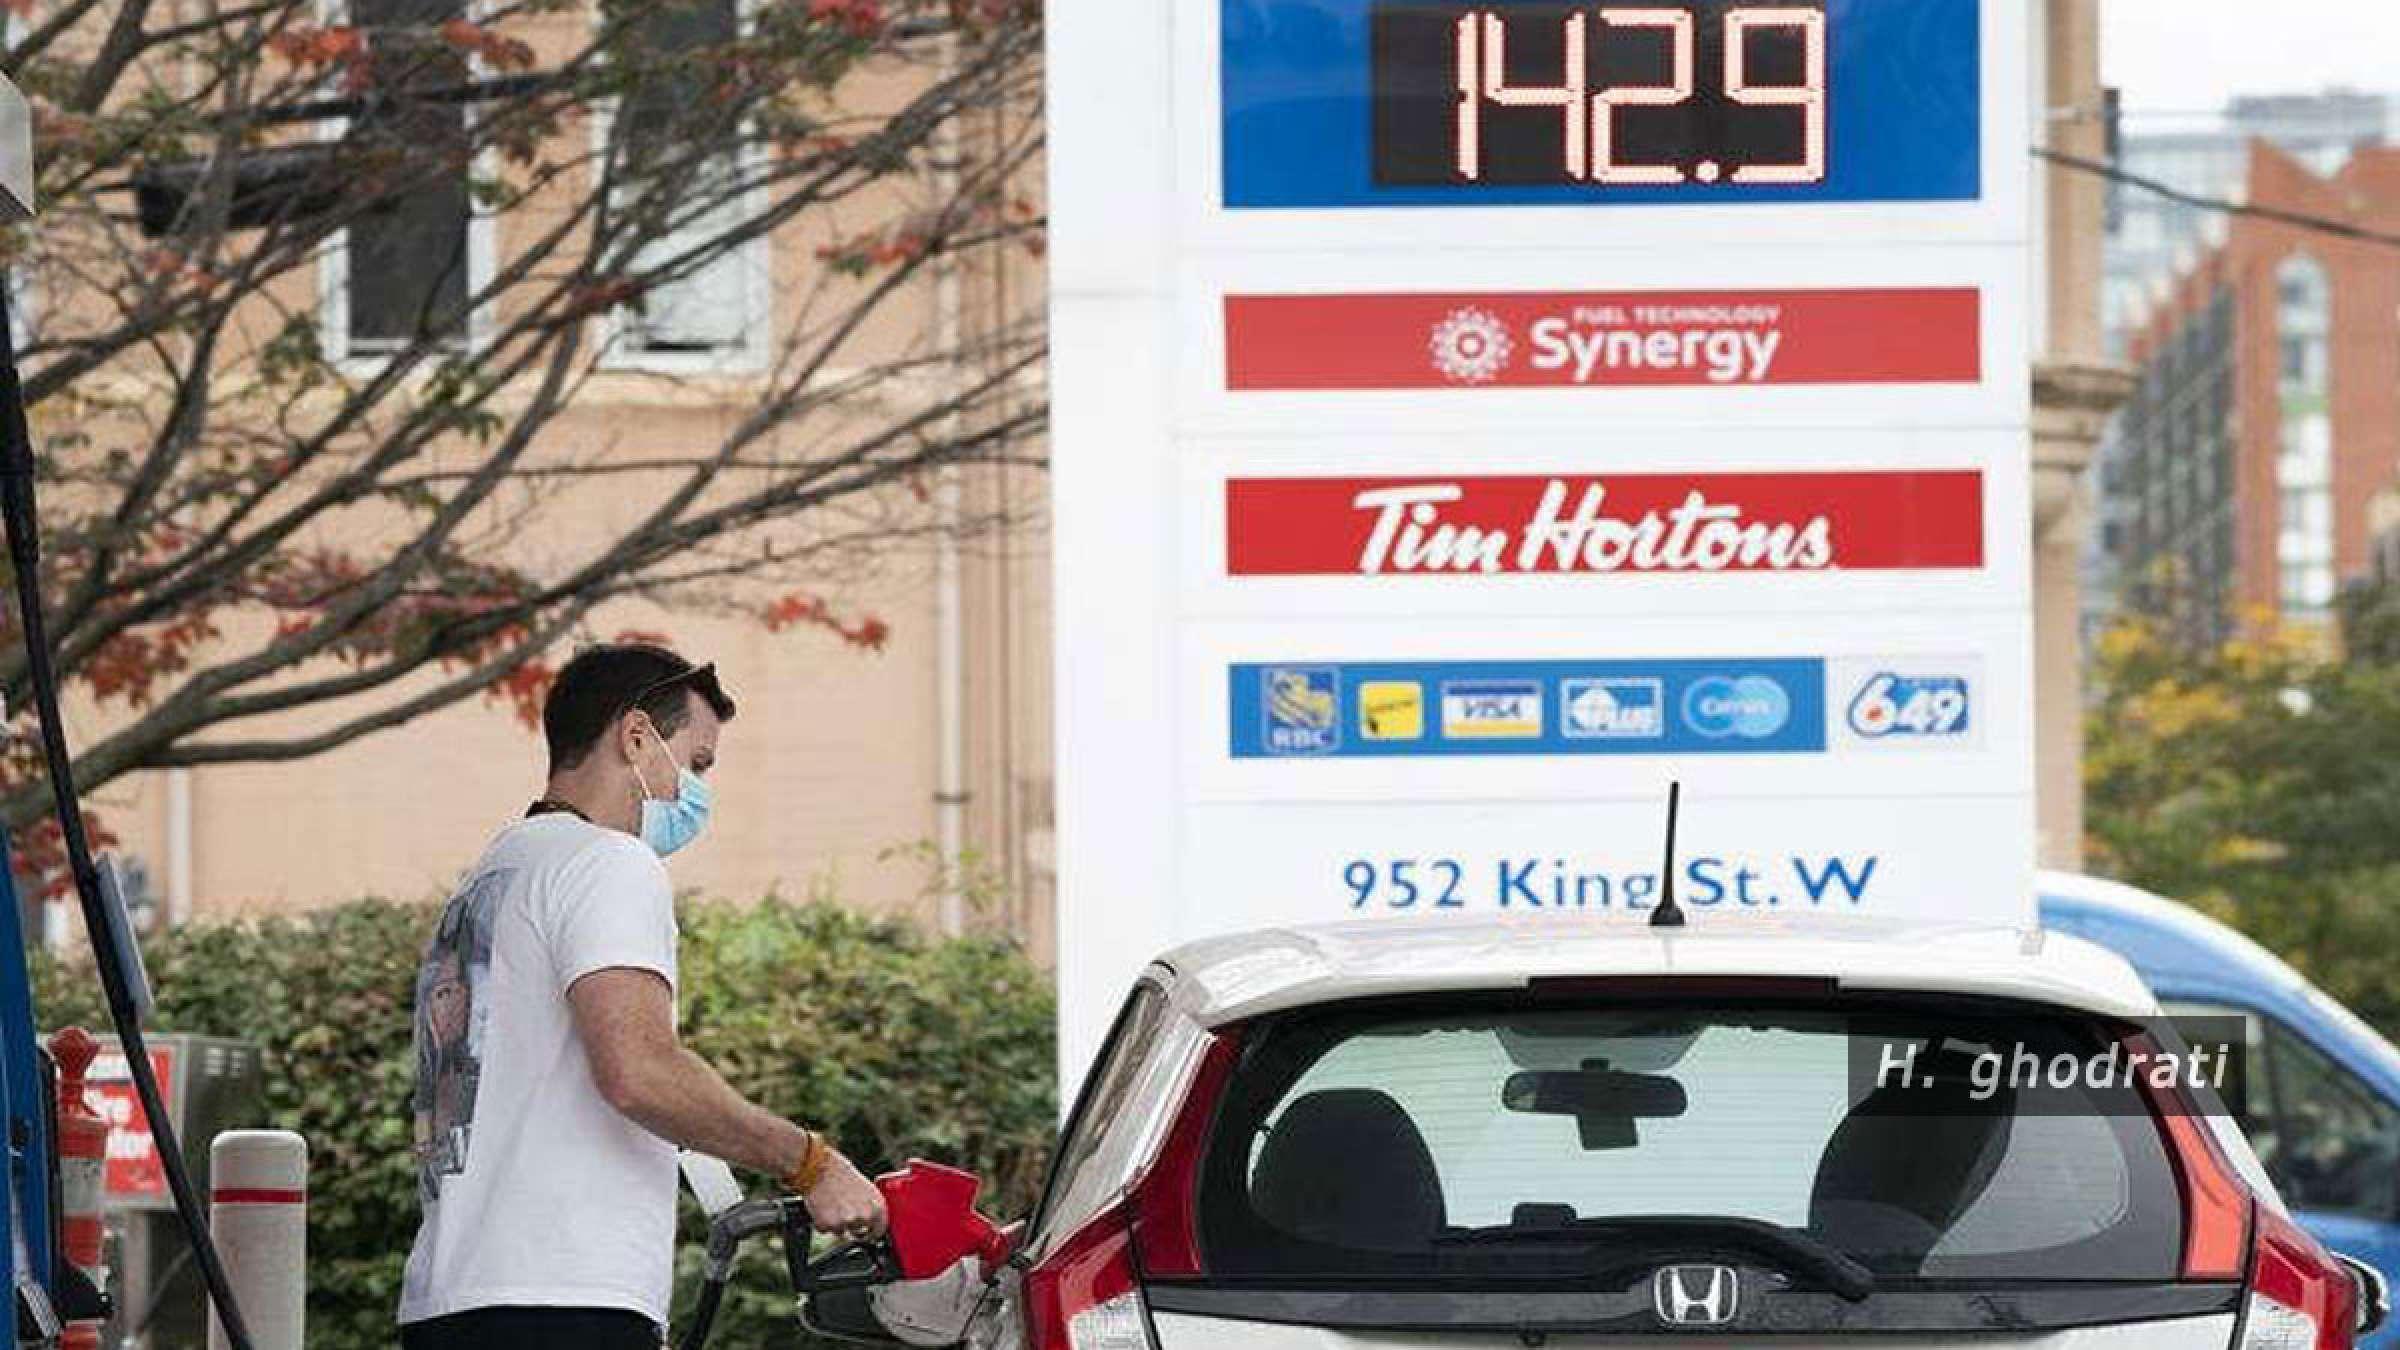 خبر-کانادا-بانک-مرکزی-کانادا-تورم-مشکلات-دستمزدی-و-تغییرات-شغلی-زیادی-در-راه-است